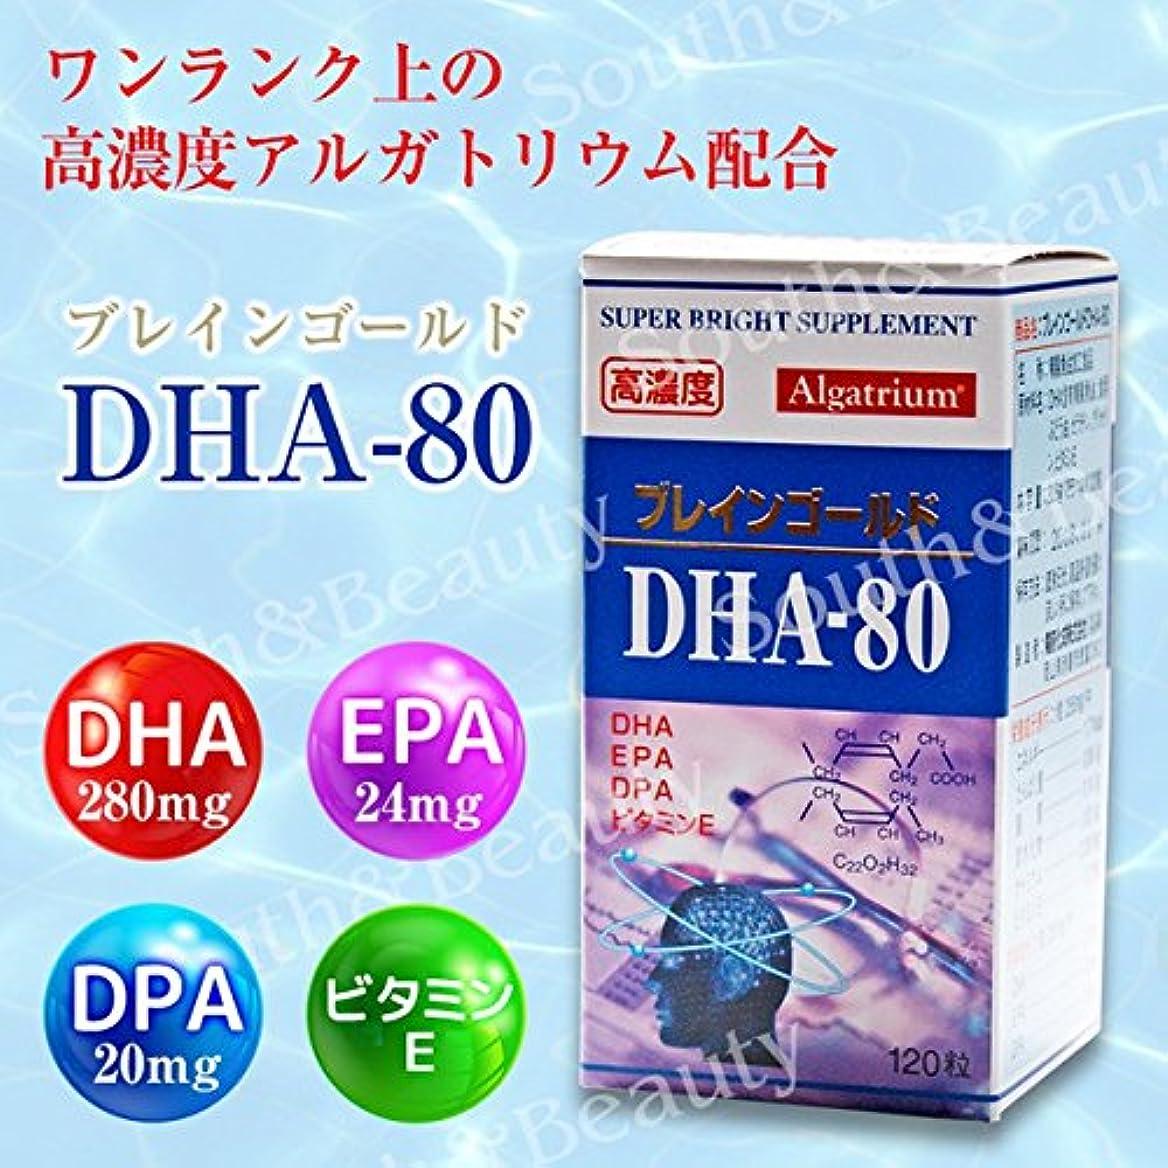 矛盾するマンモス未払いブレインゴールドDHA‐80